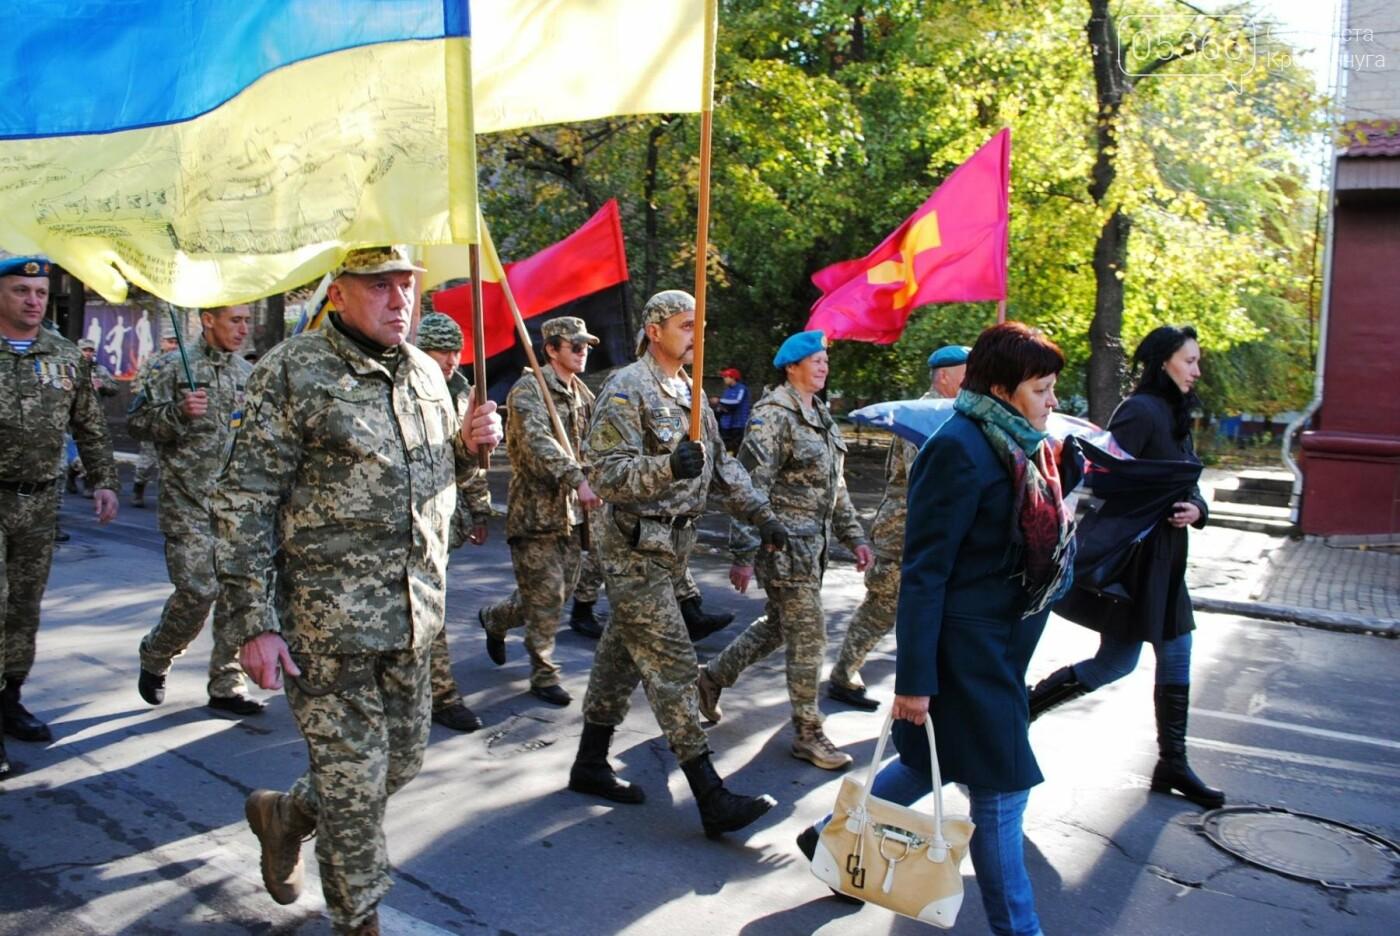 Кременчуг празднует День защитника Украины (фоторепортаж), фото-1